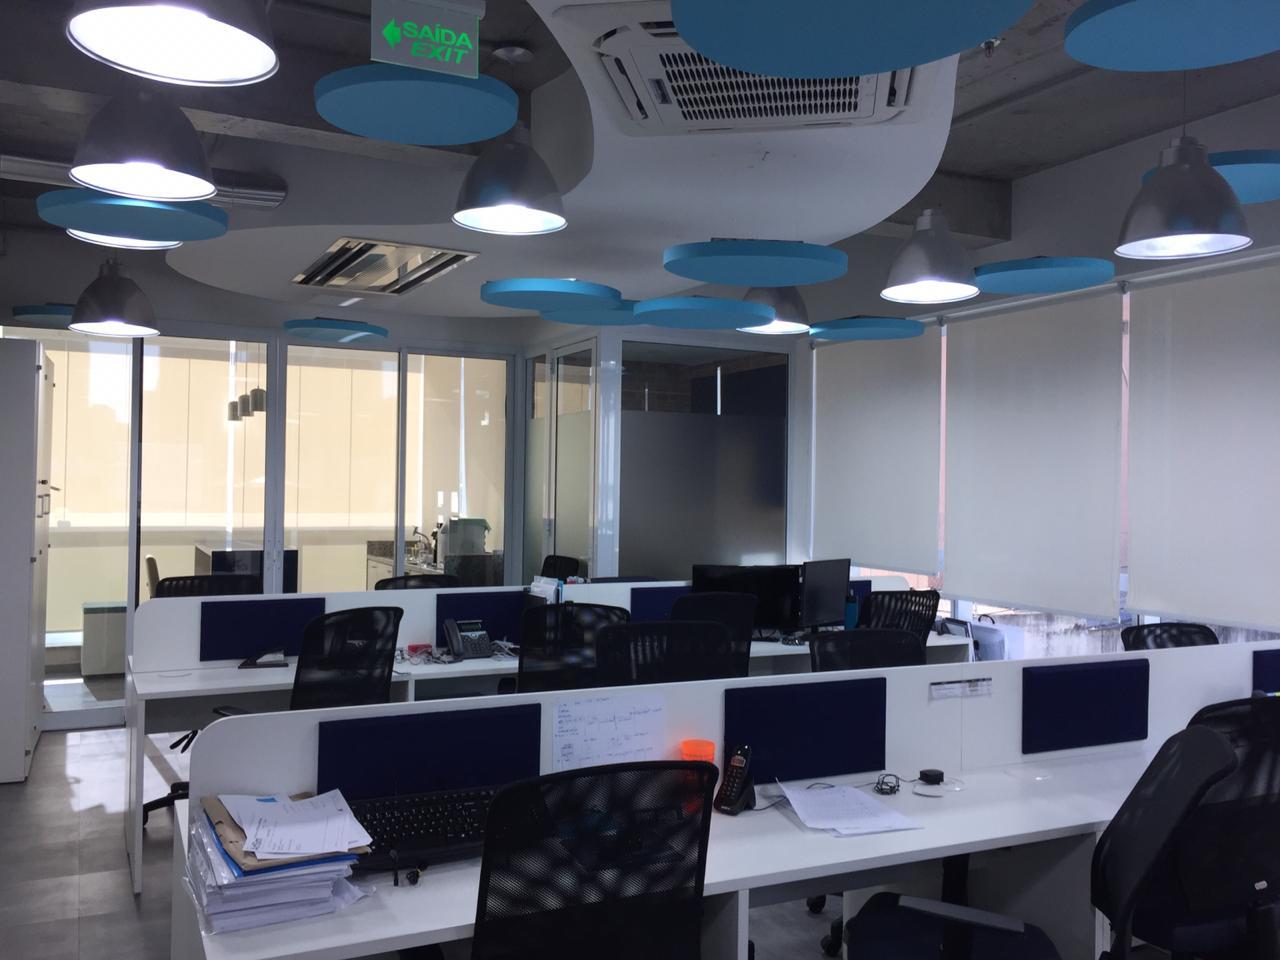 Imagem 3 - Escritório Angola Cables - São Paulo - SP - Reforma Geral